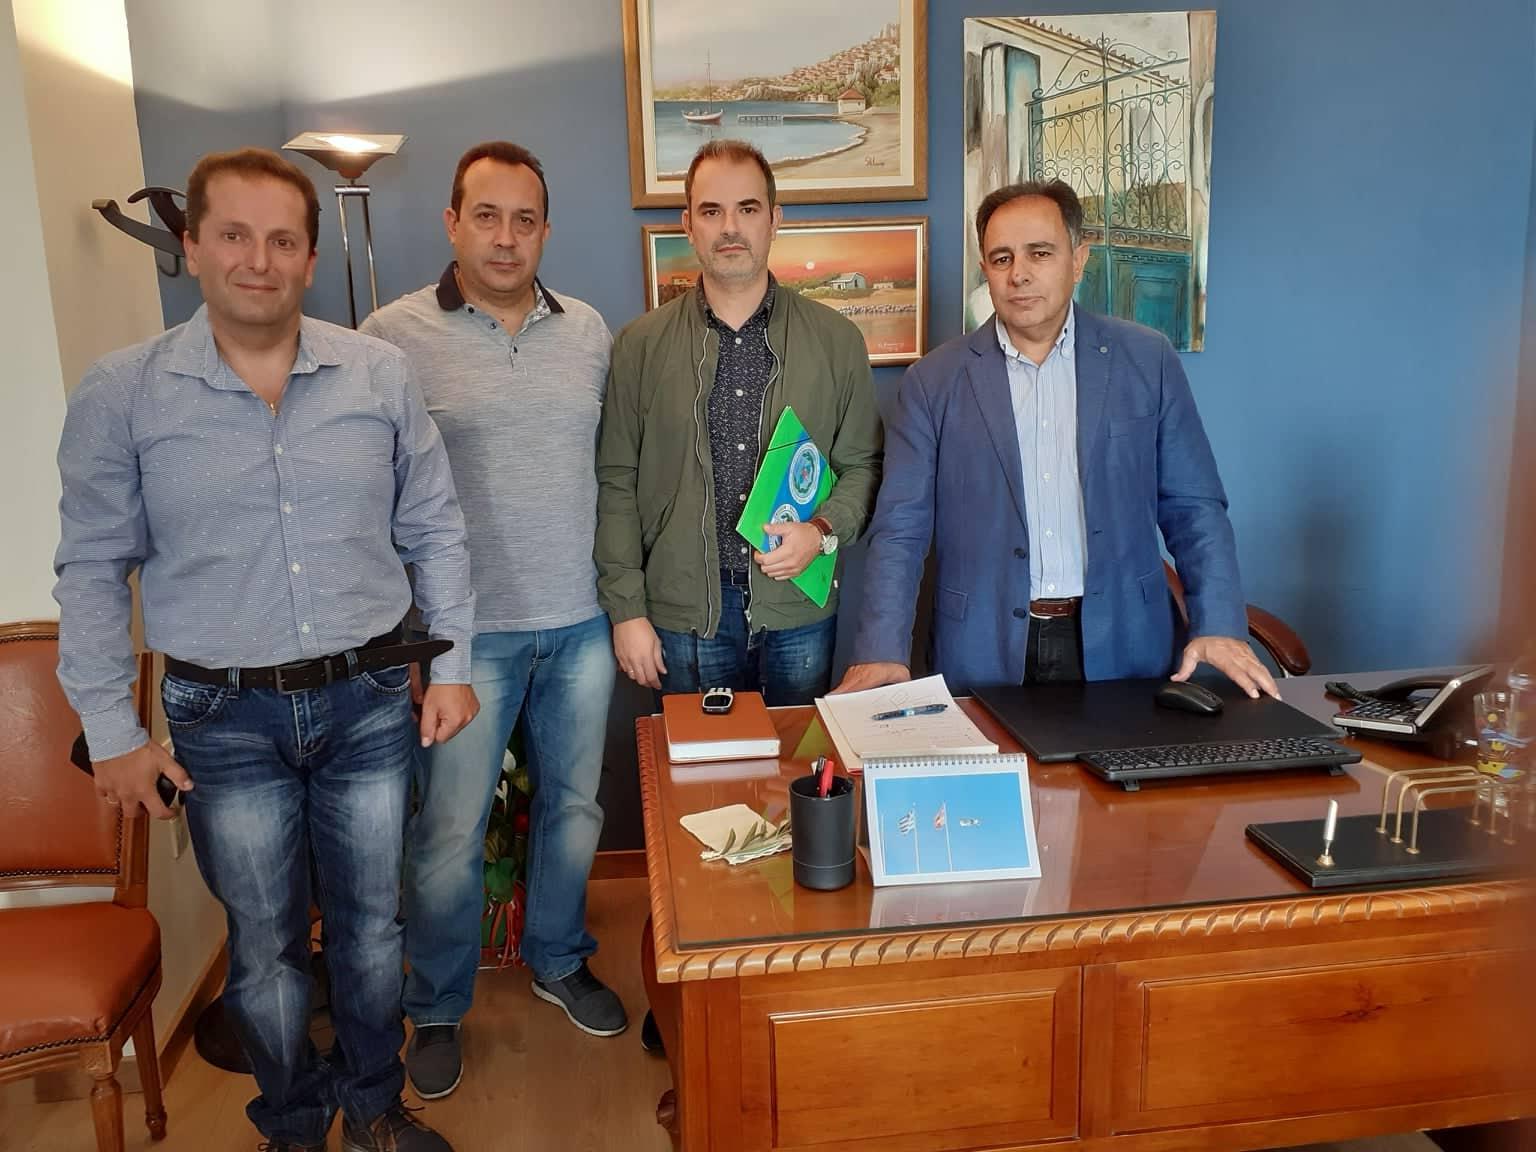 Ε.Σ.ΠΕ.Ε.ΛΕΣ: Συνάντηση με τον Δήμαρχο Μυτιλήνης κ. Στρατή Κύτελη